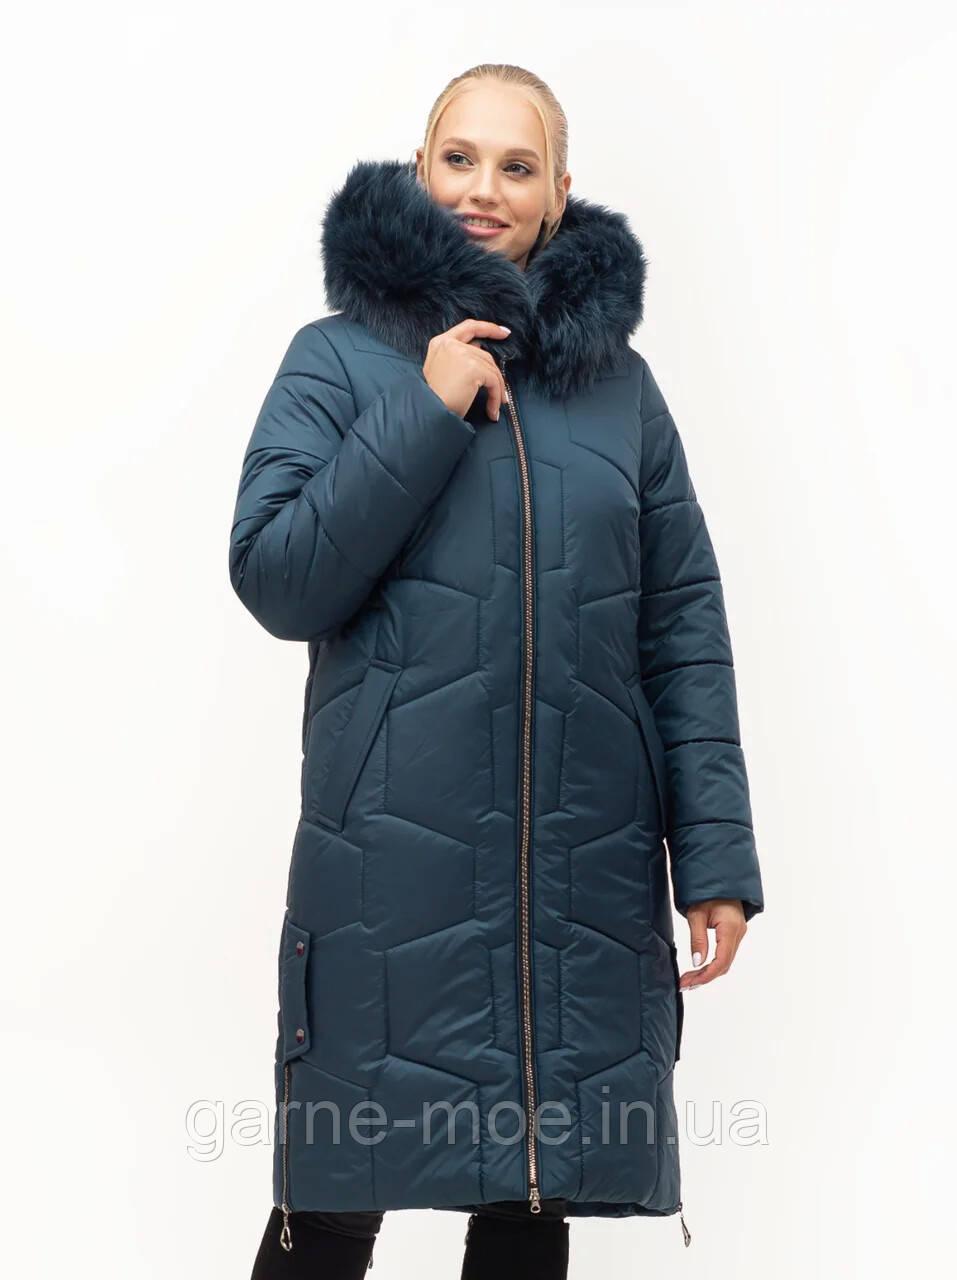 ЛД7149 Женский пуховик-пальто батал с натуральным мехом песца 48-62 рр